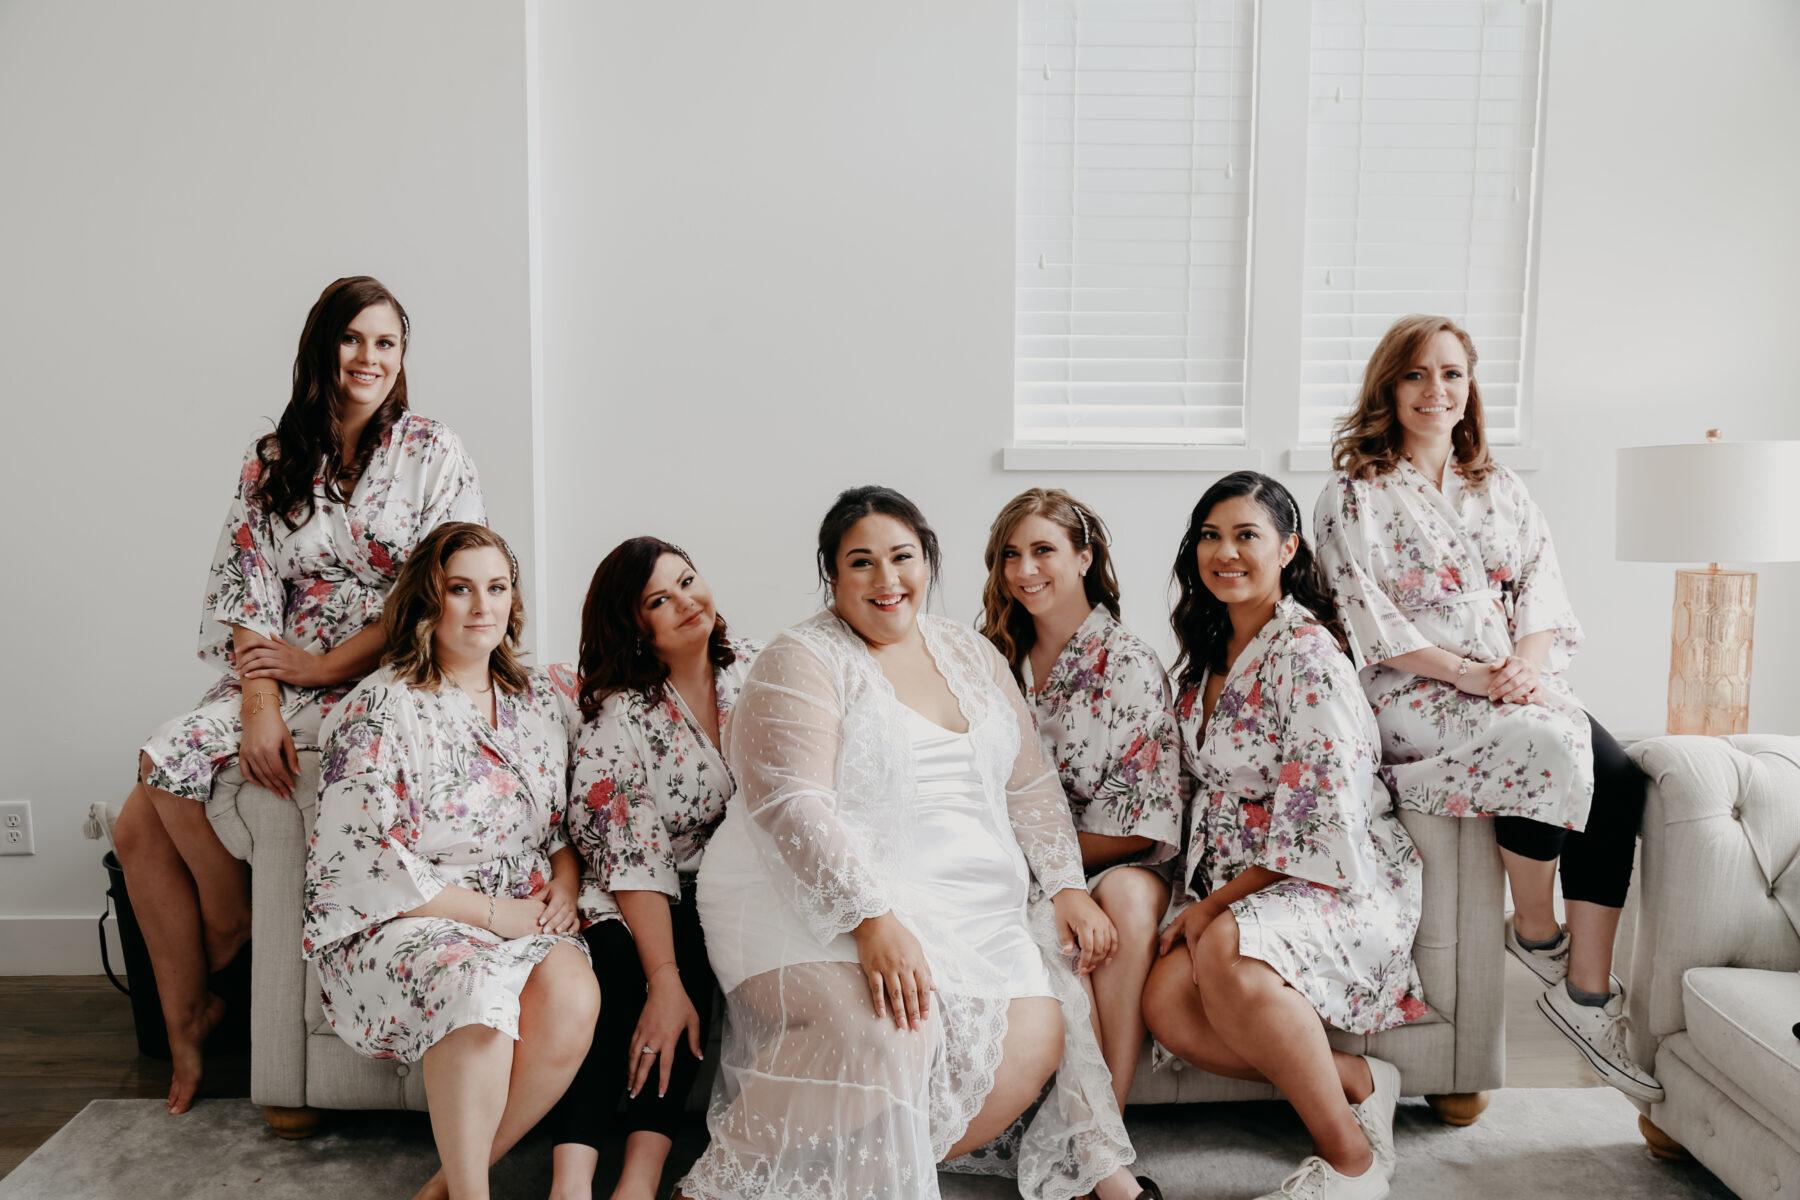 Floral bridal party robes | Nashville Bride Guide